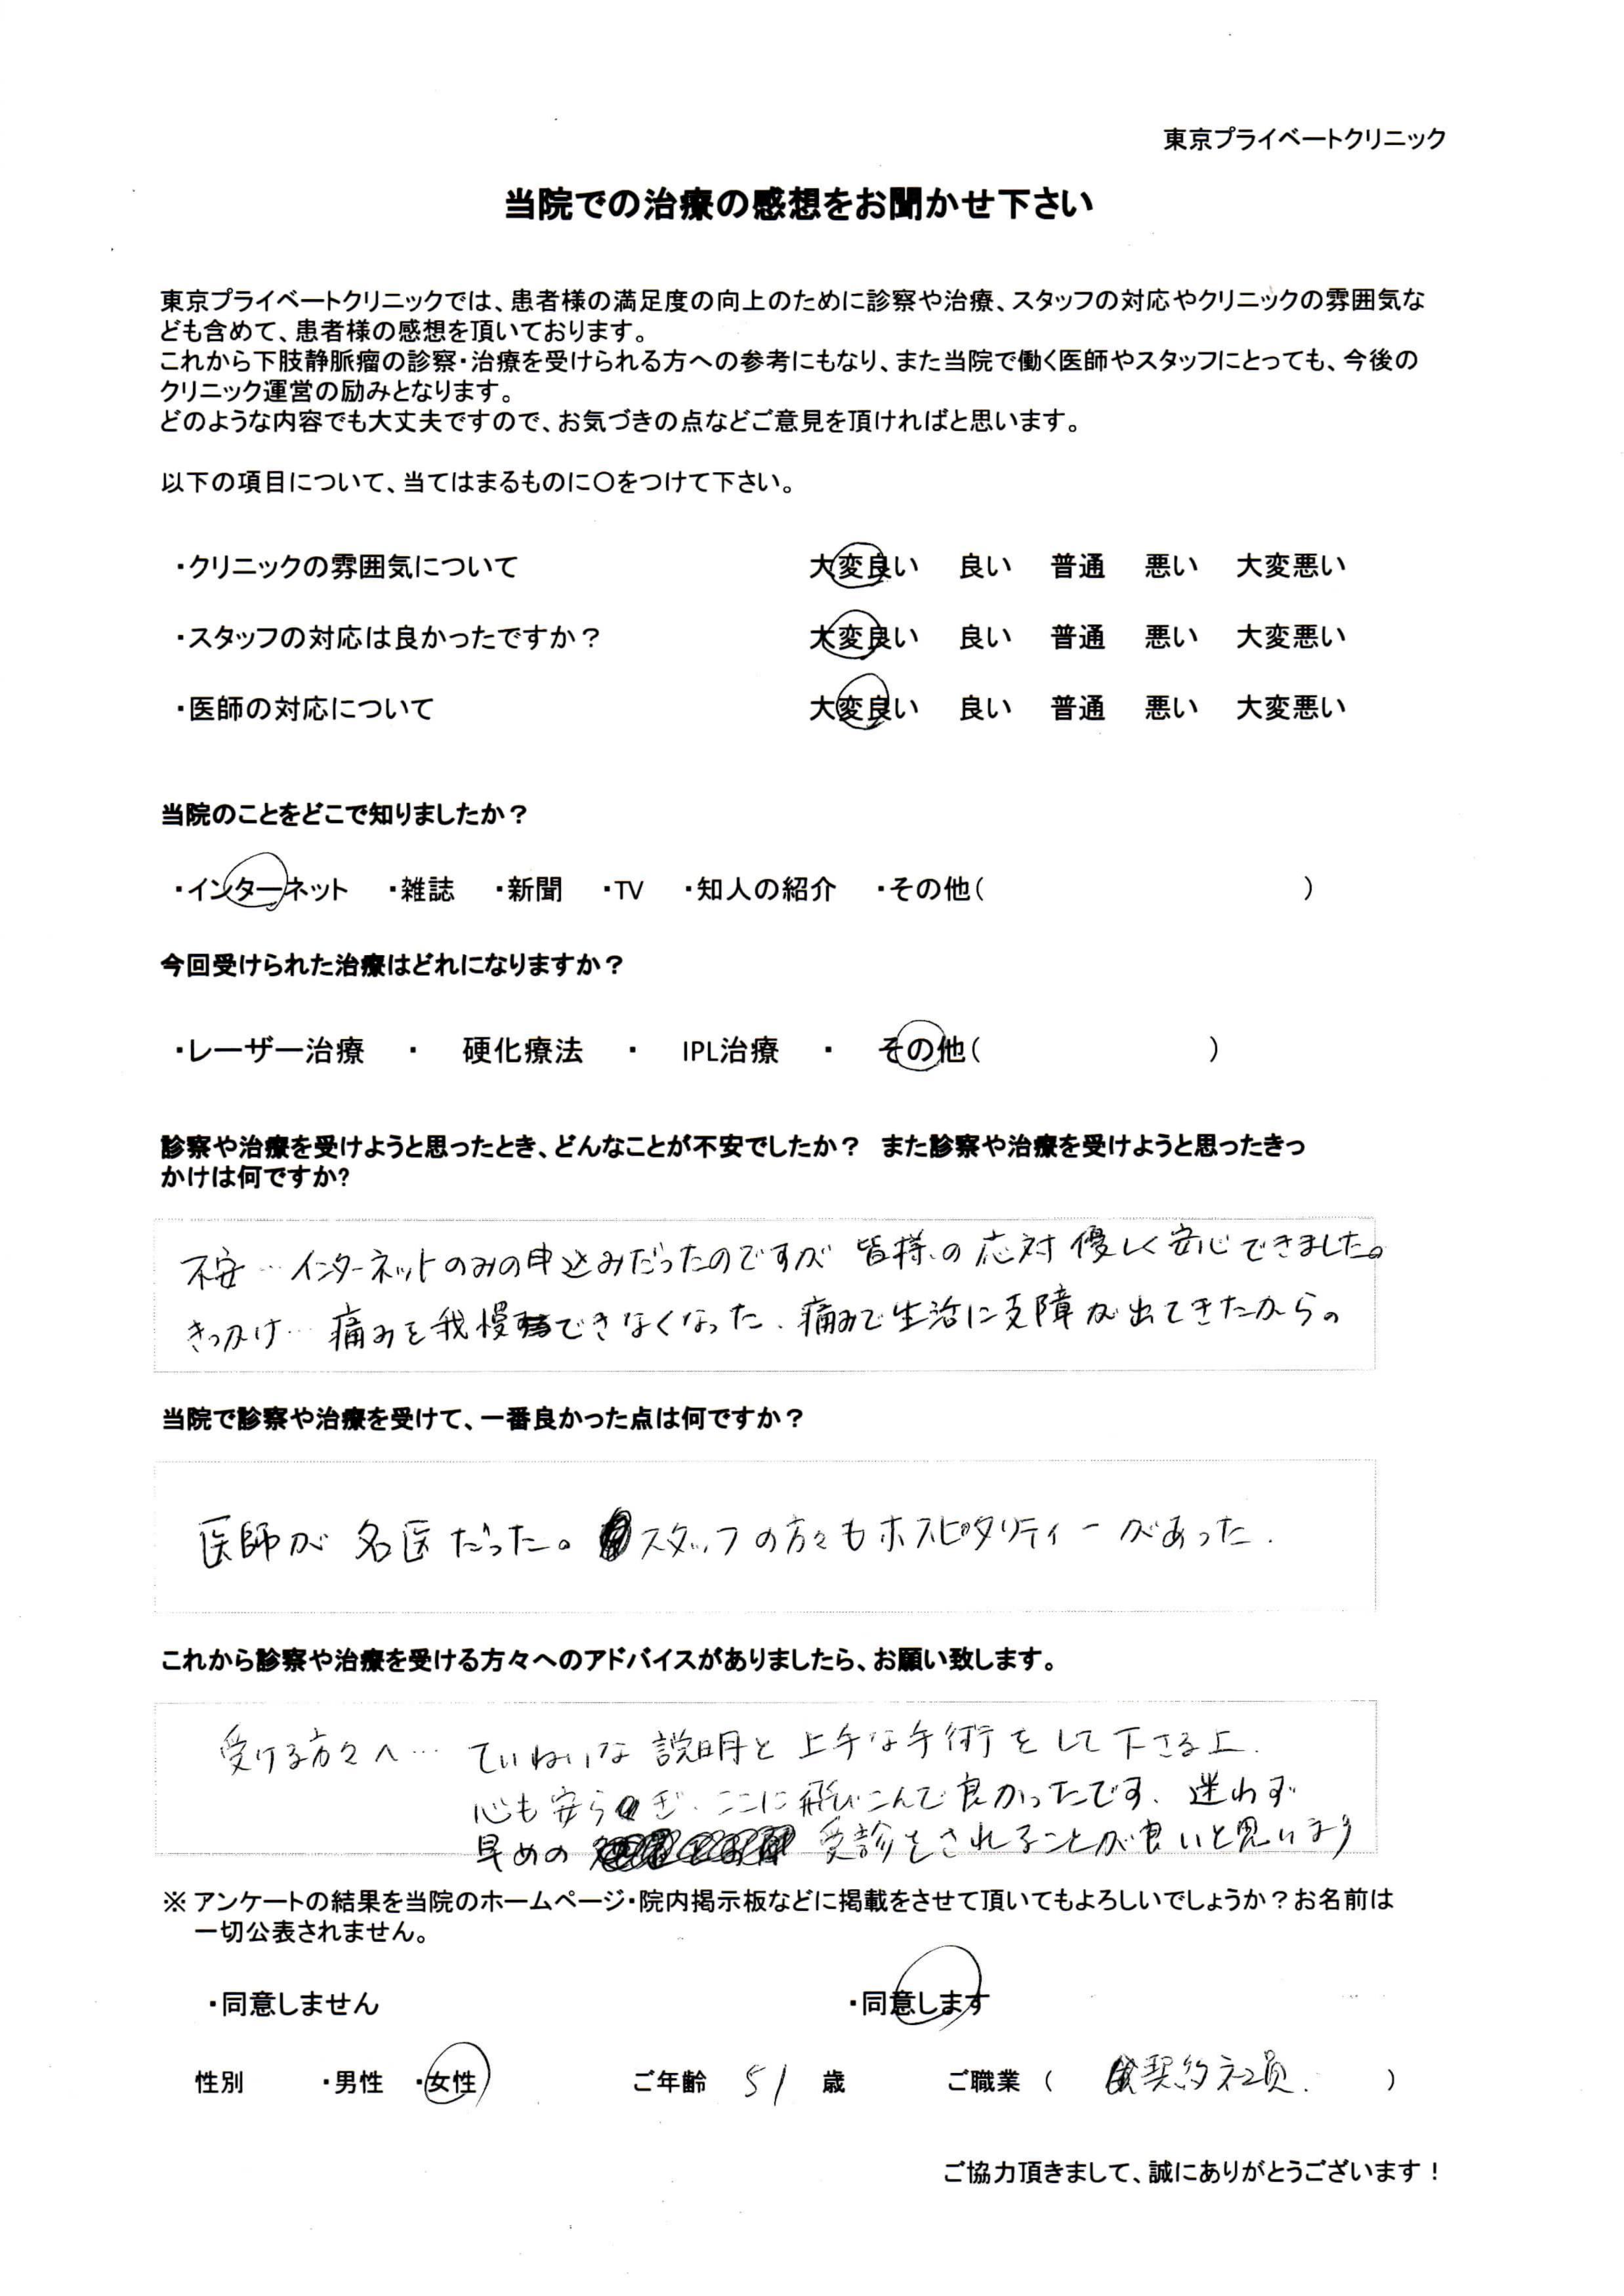 【治療】51歳 女性